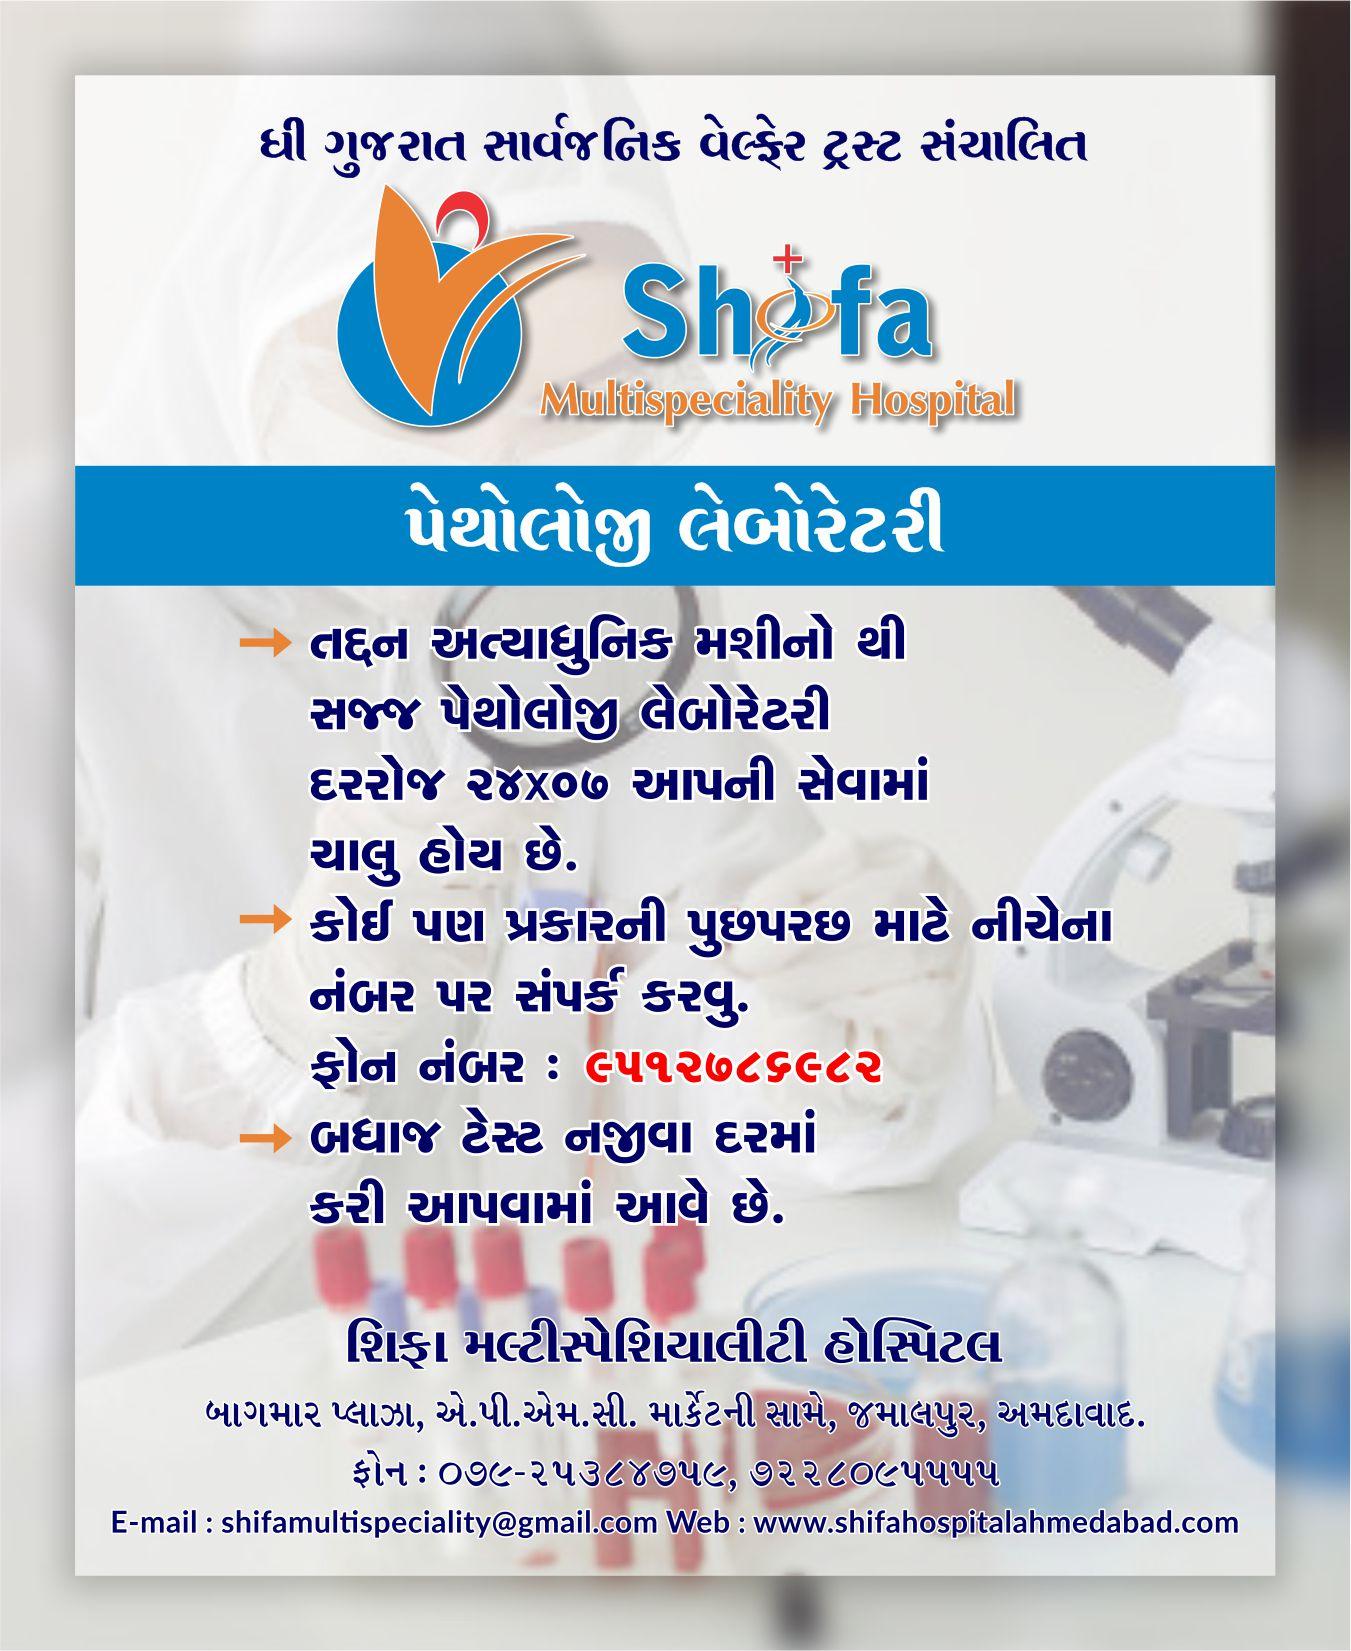 Shifa 010